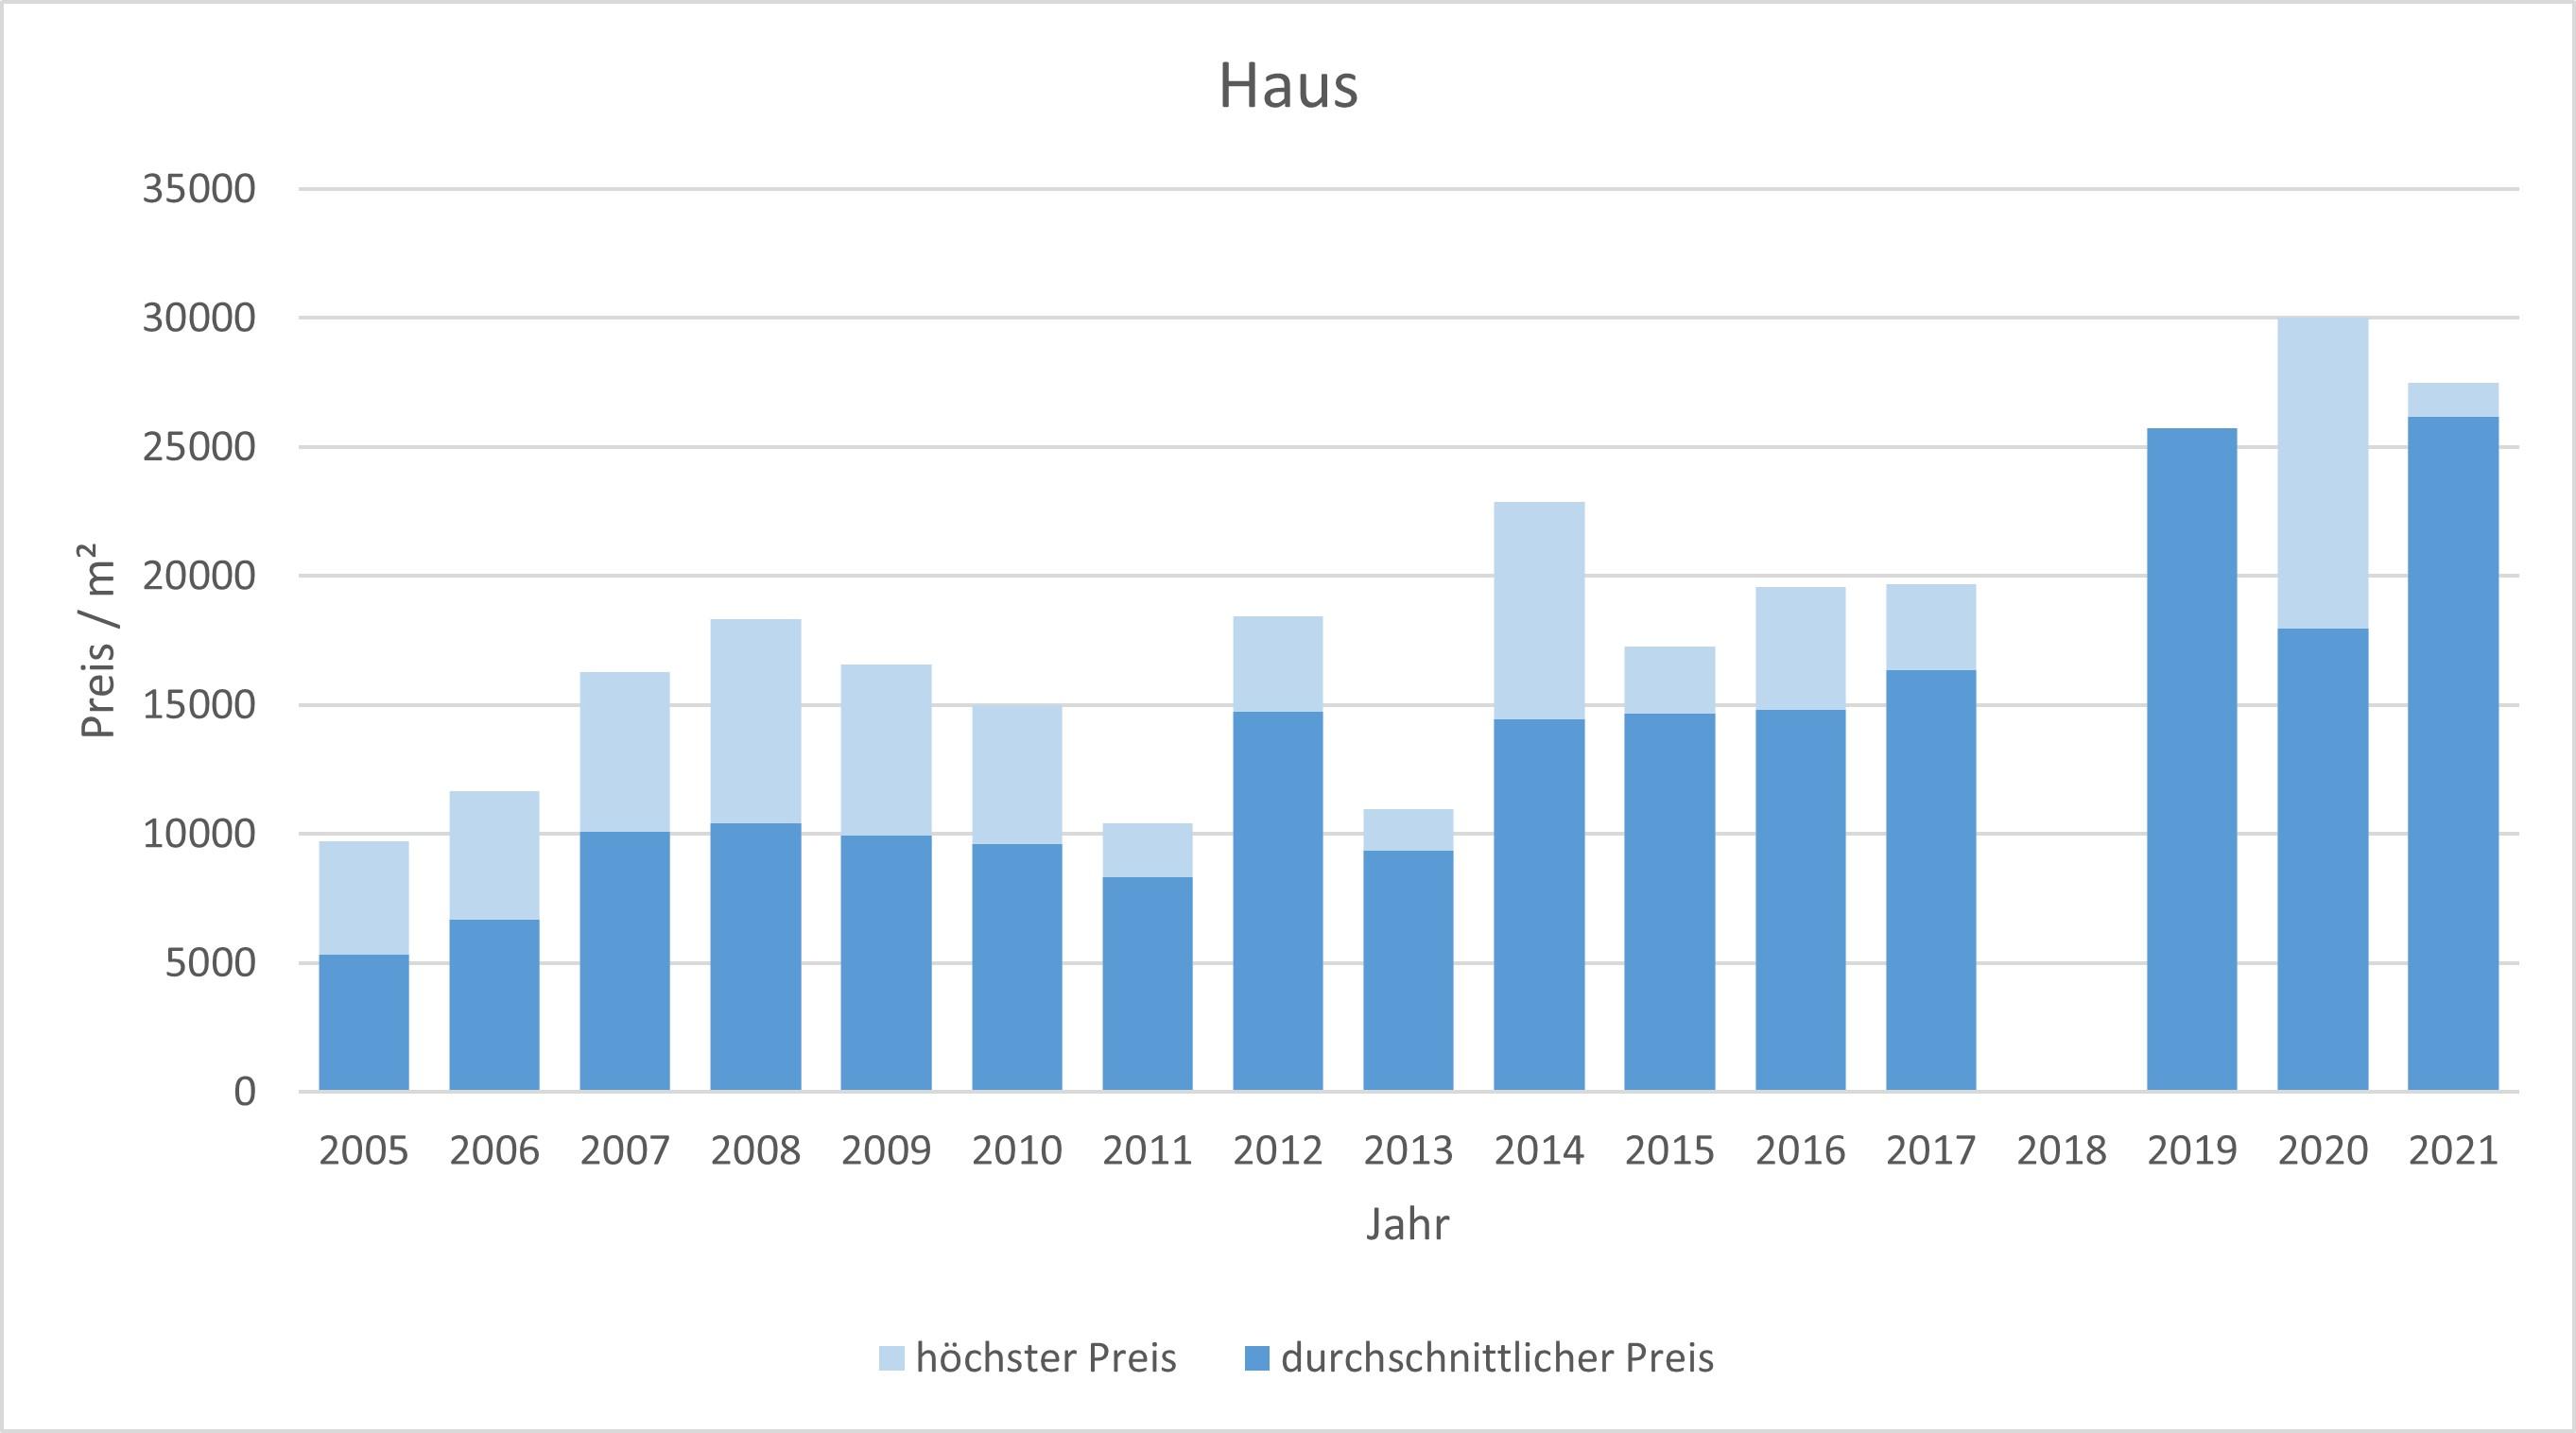 München - Herzogpark Haus kaufen verkaufen Preis Bewertung Makler 2019 2020 2021 www.happy-immo.de